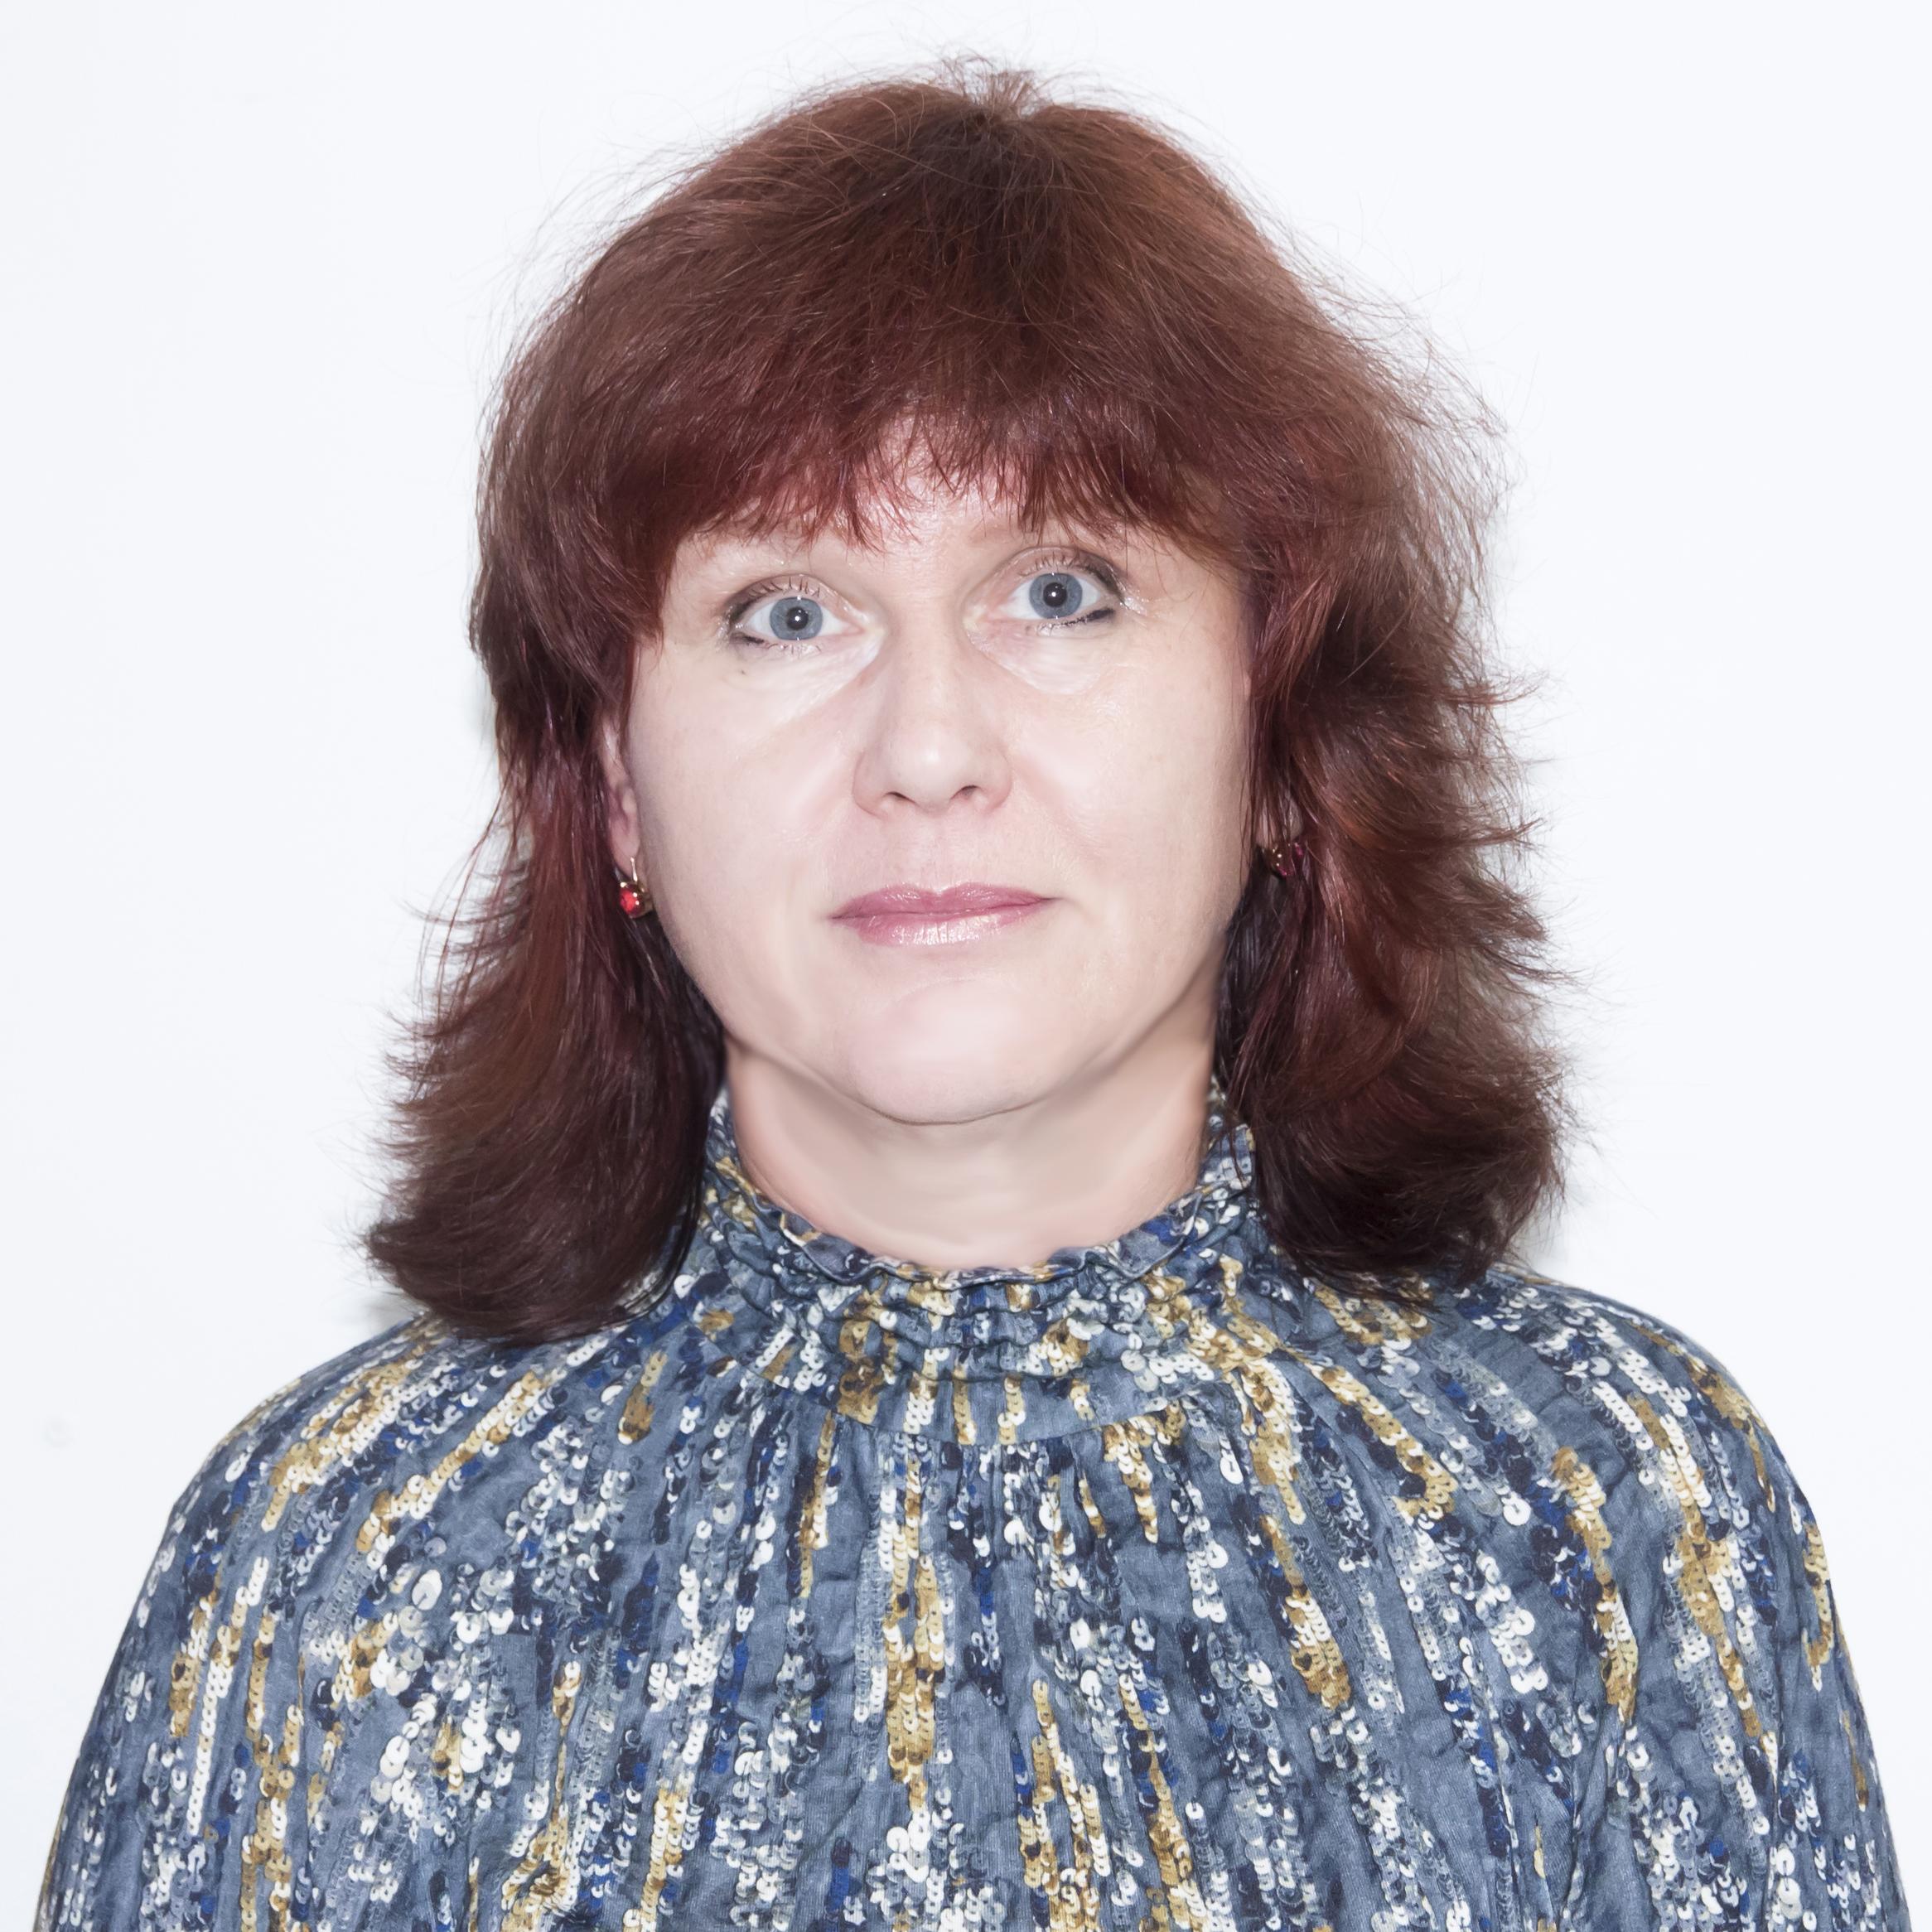 Ekaterina Yakushina